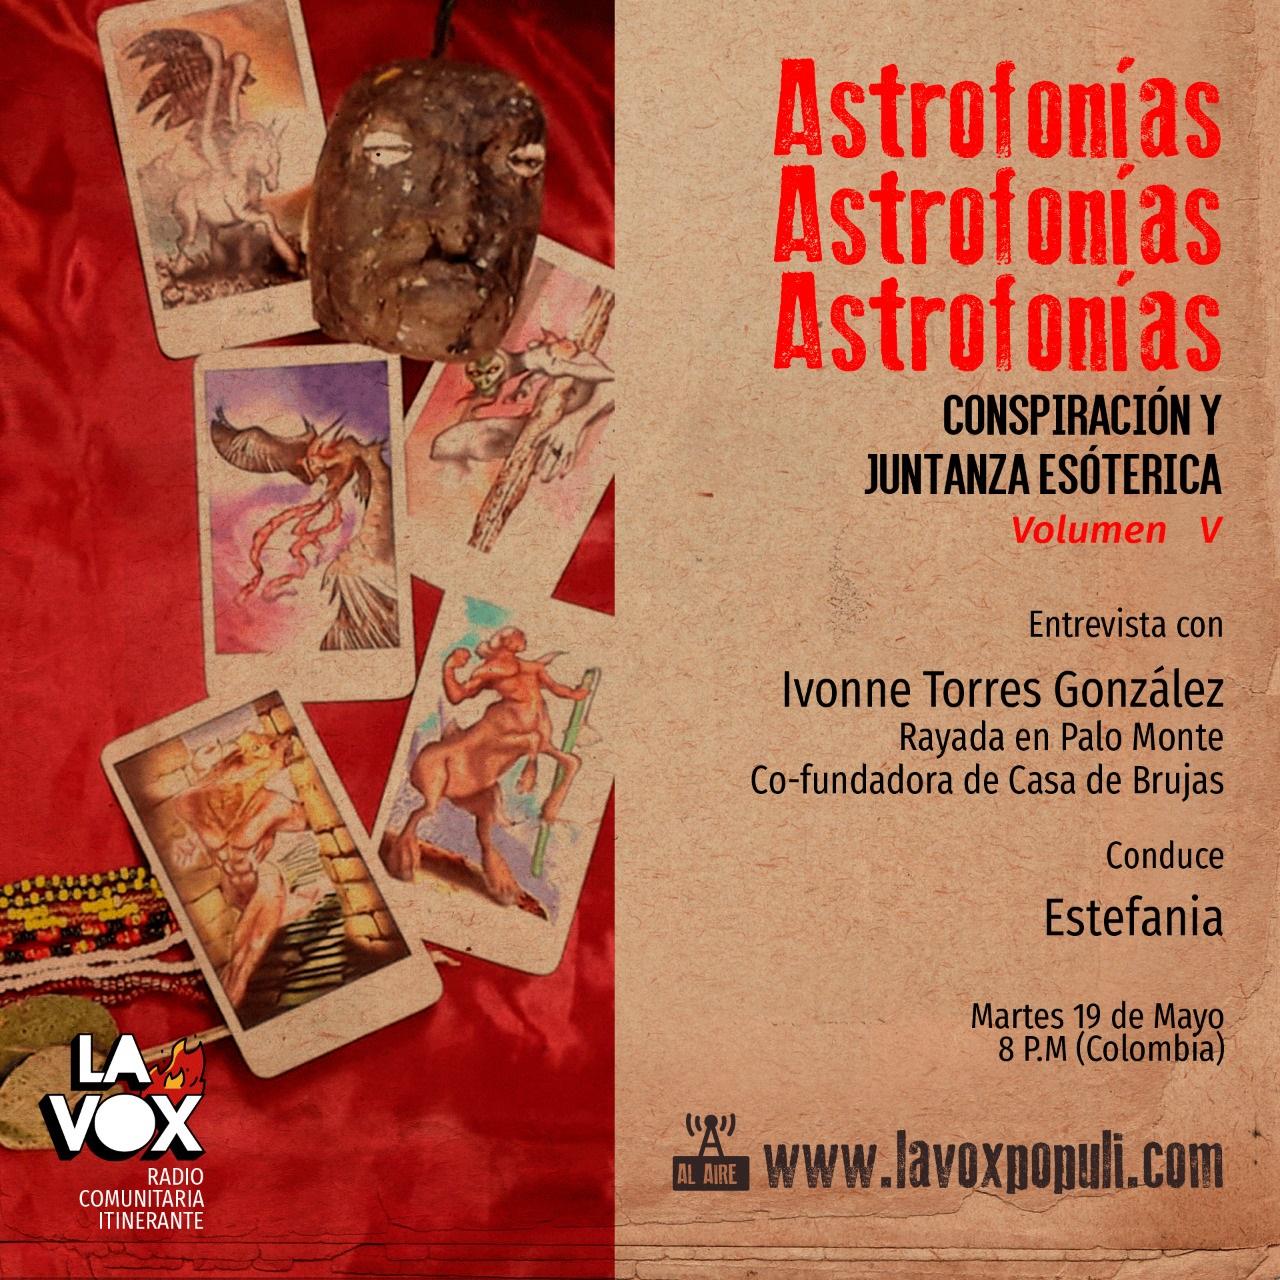 VOL. V: Astrofonías conspiración y juntanza esotérica